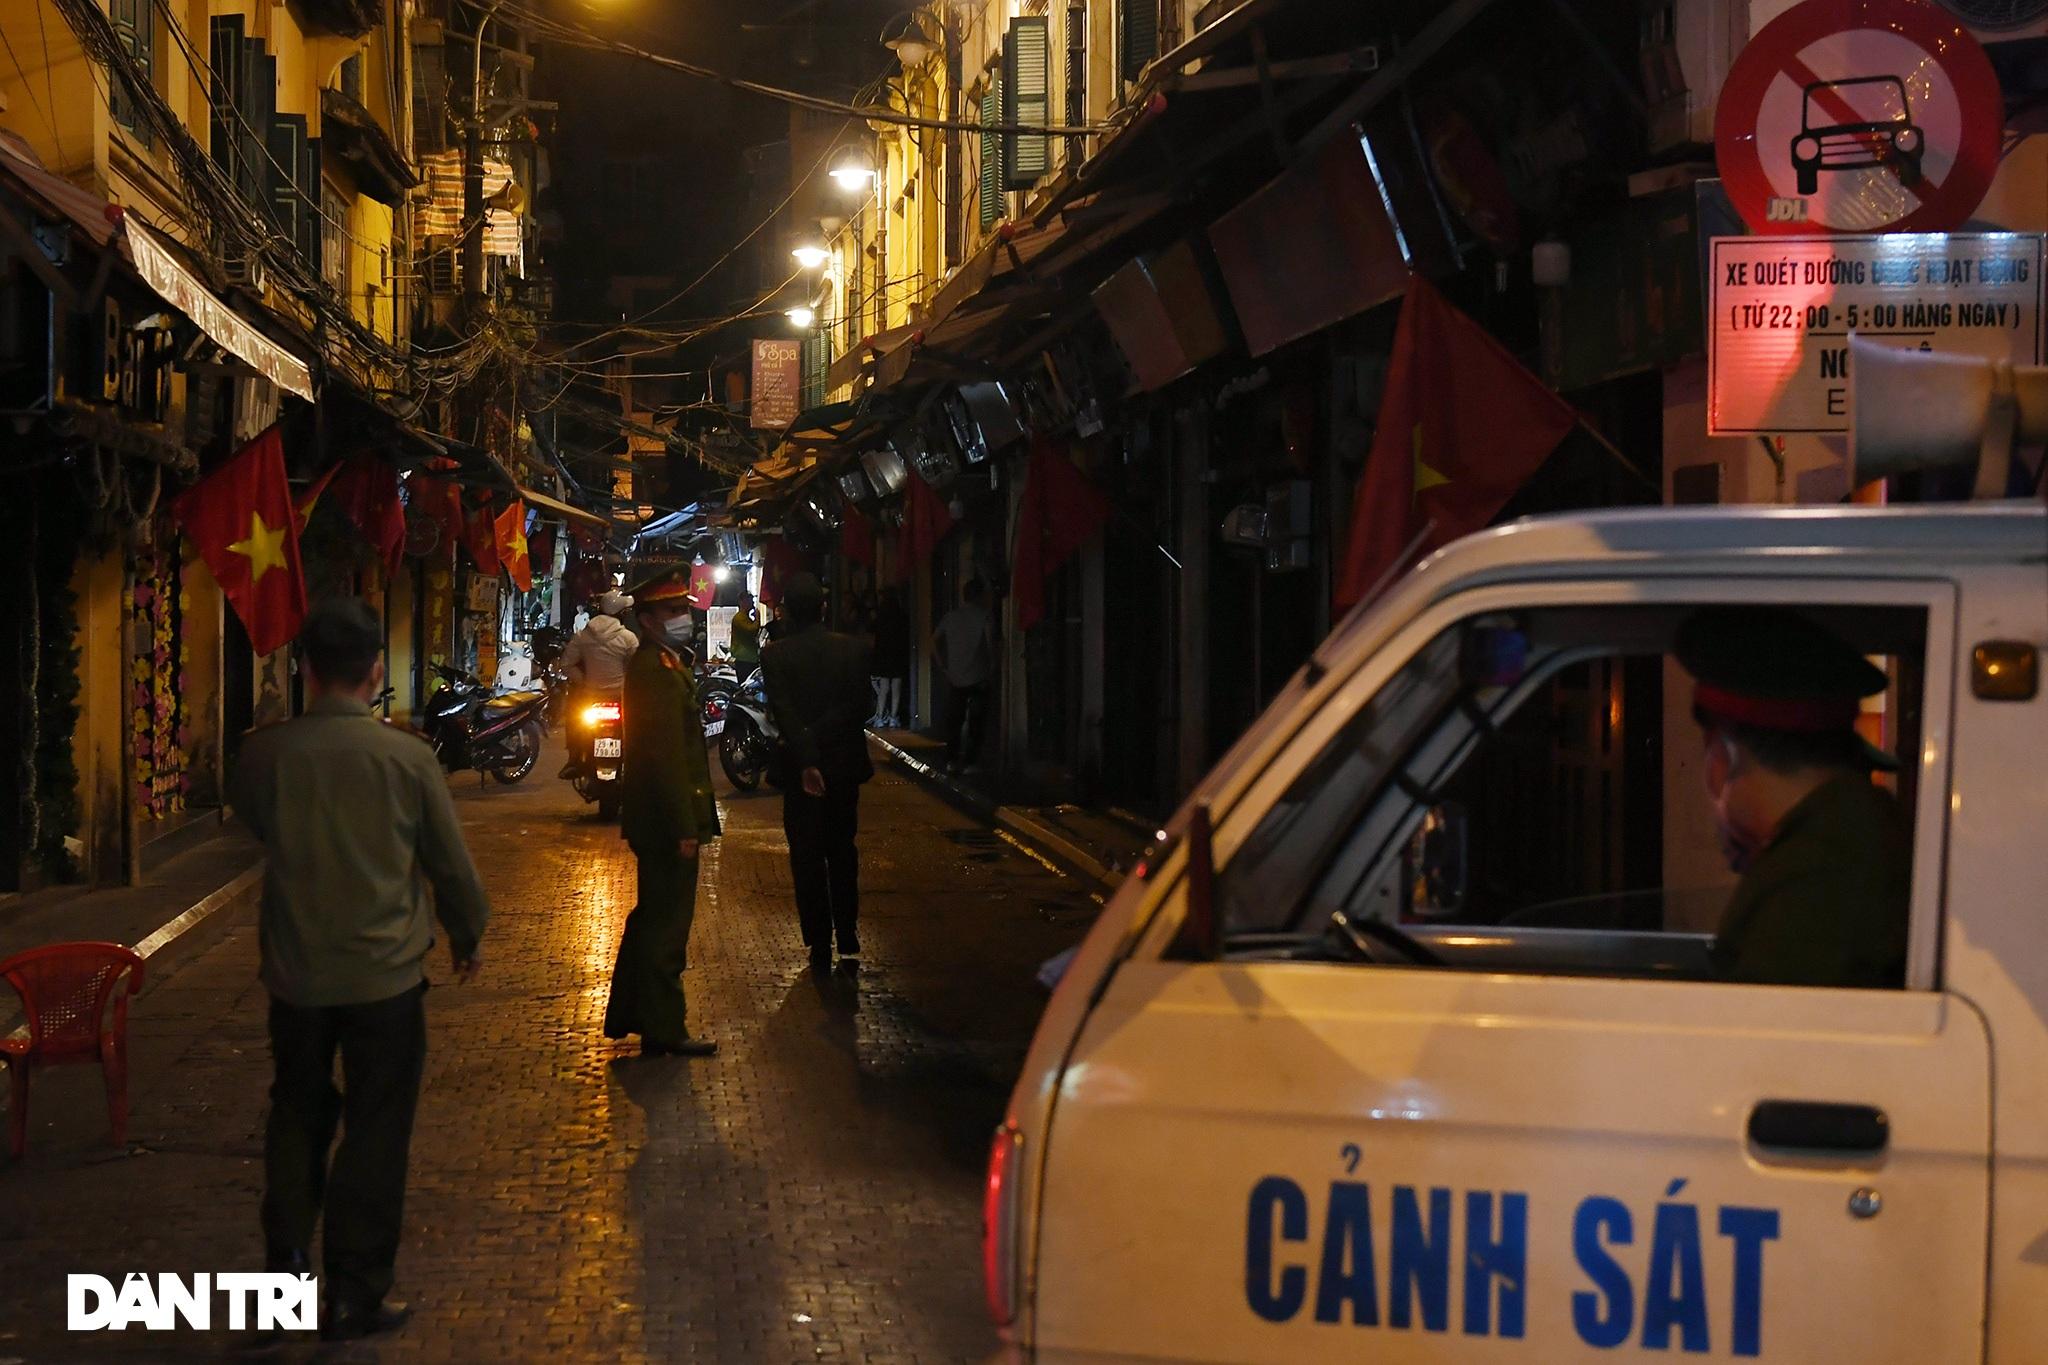 Công an Hà Nội kiểm tra xuyên đêm, yêu cầu hàng quán đóng cửa trước 0h  - 17